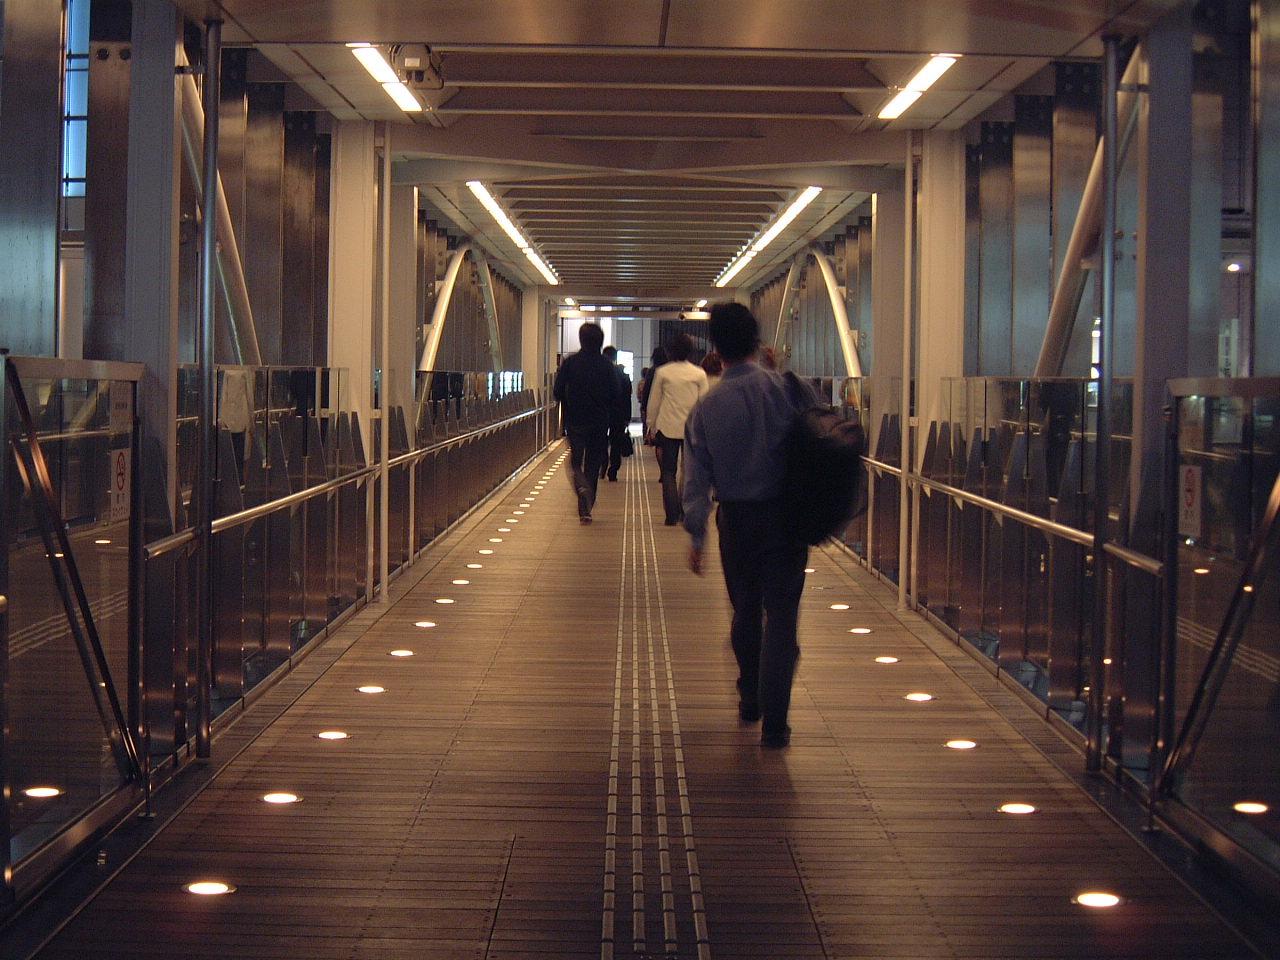 街歩き2003:品川セントラルガーデン編